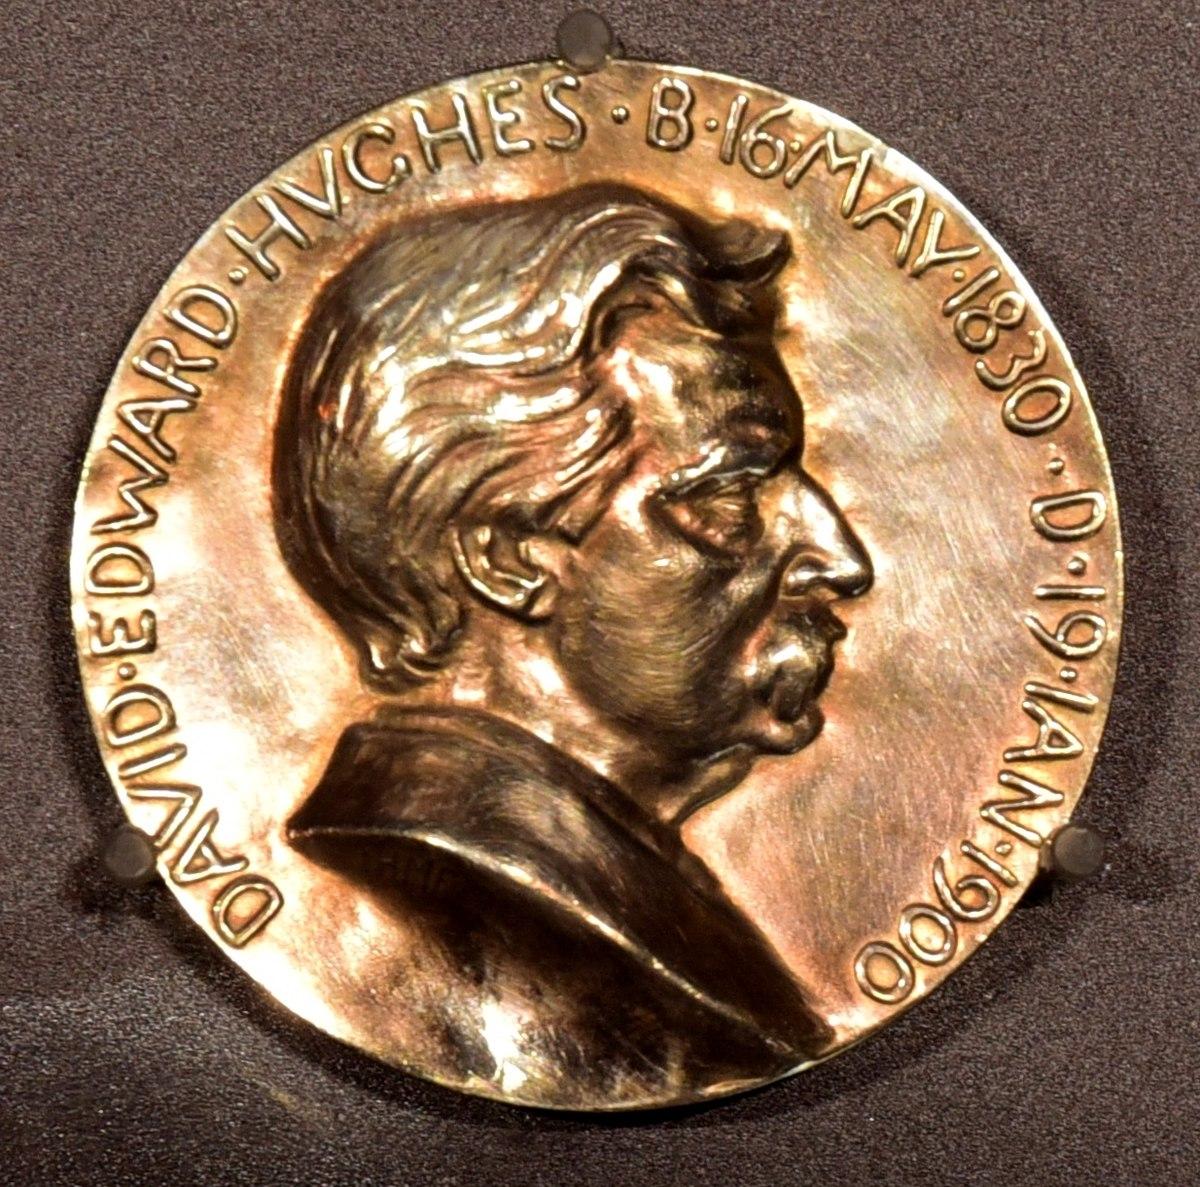 Resultado de imagen para Medalla Hughes niels bohr